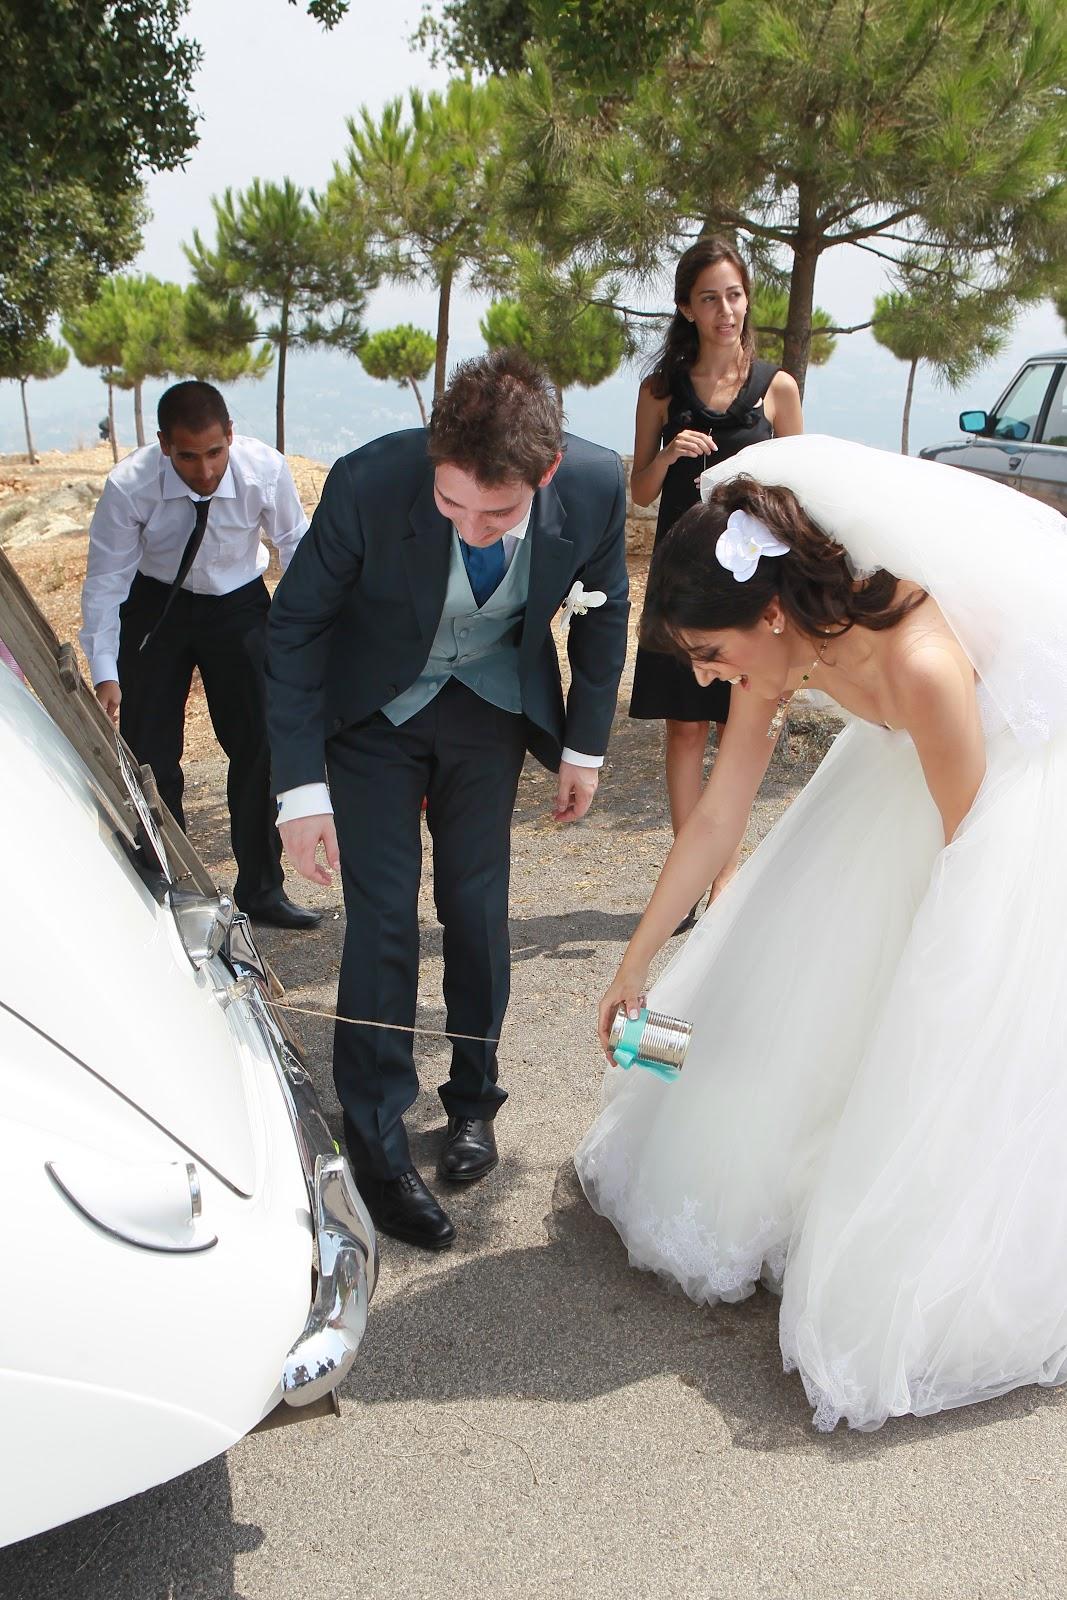 Wedding fetish pics